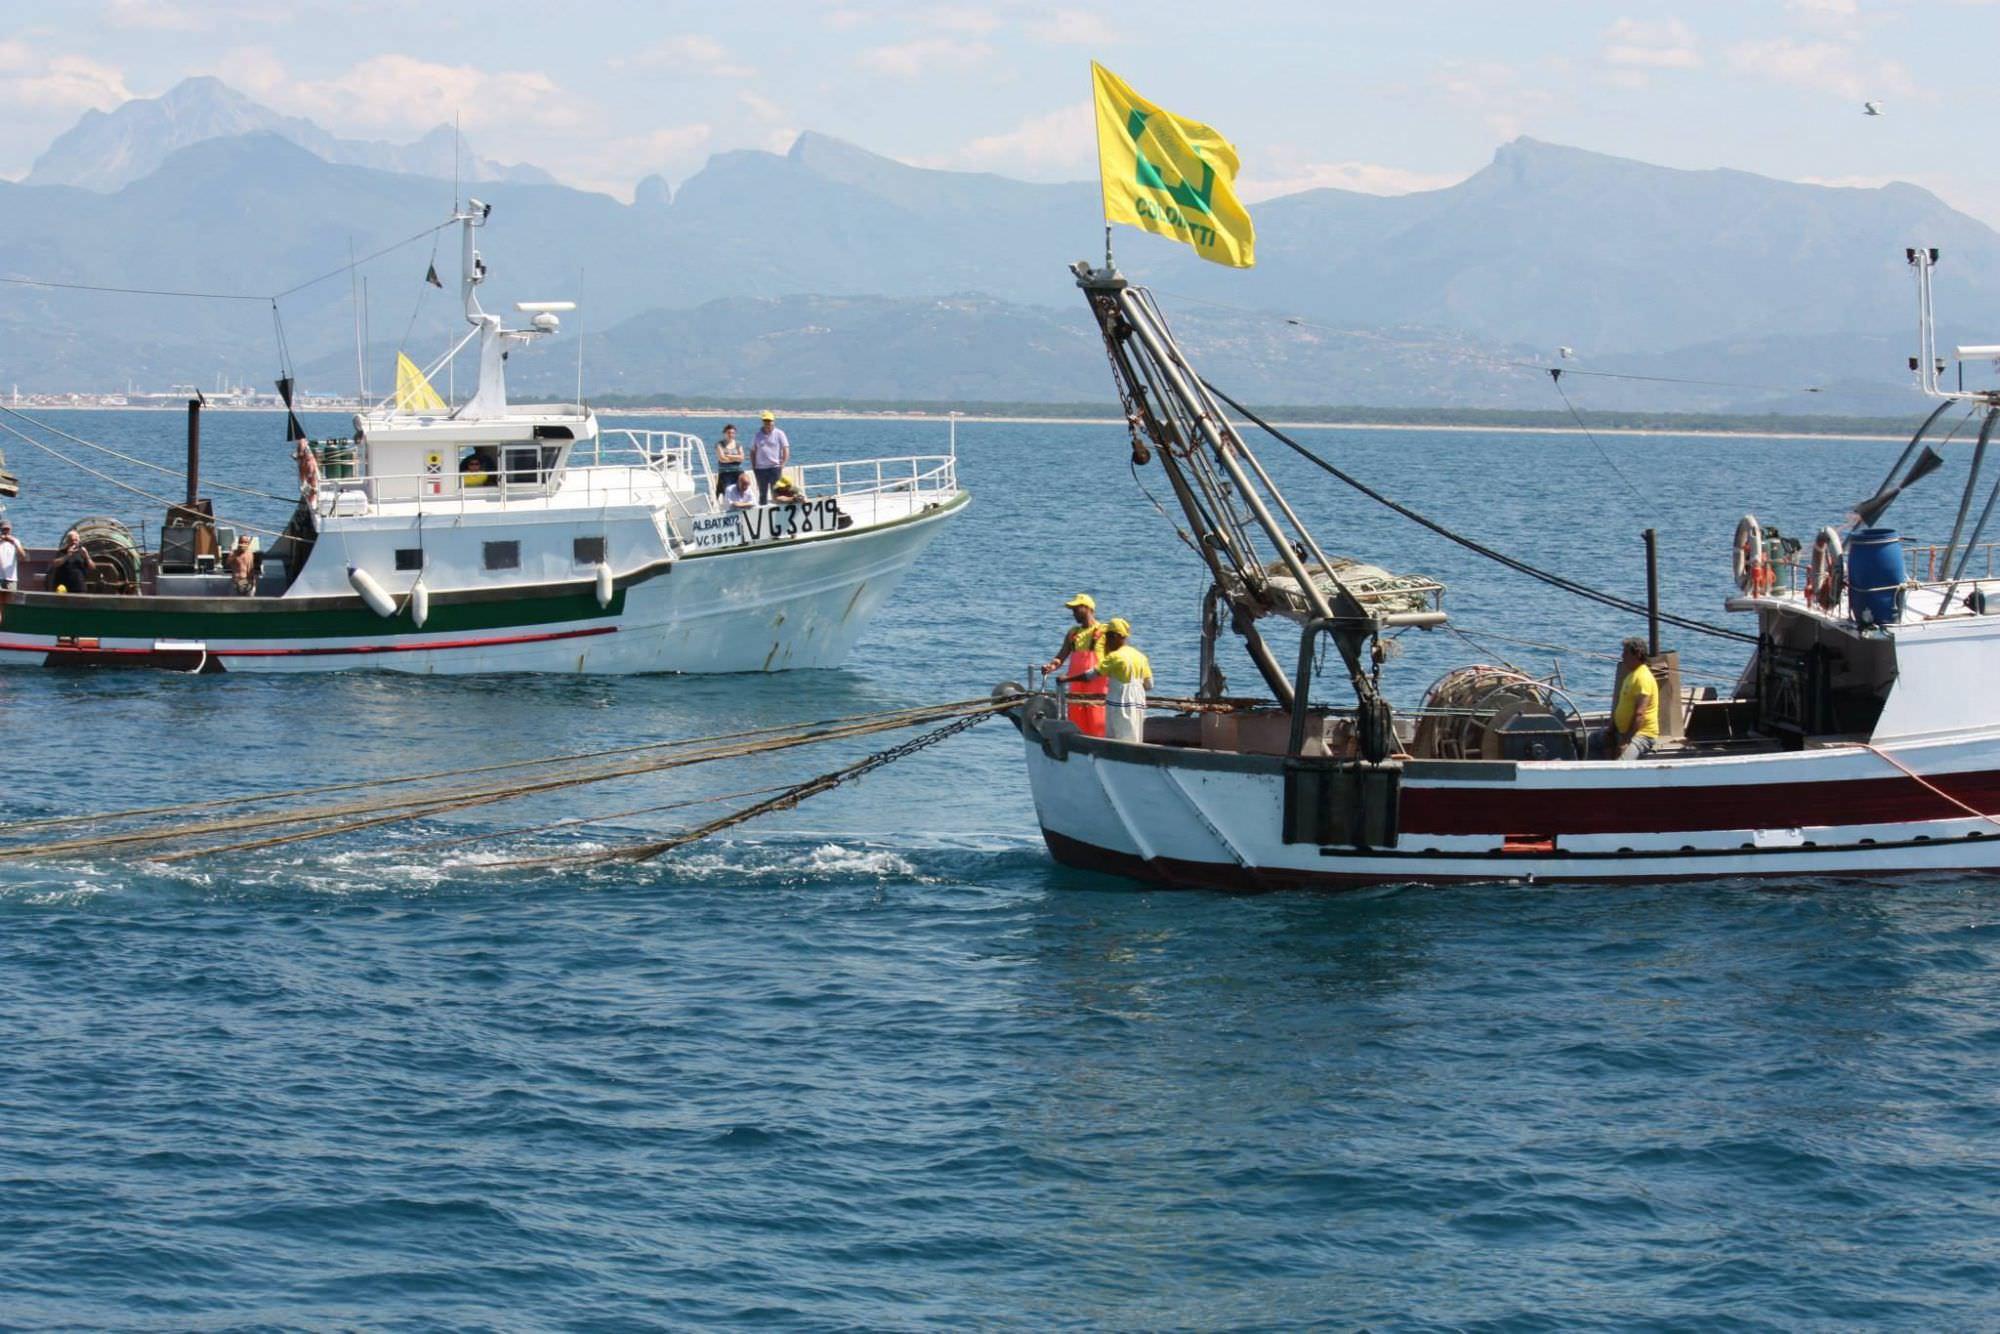 Con la filiera del pesce cresce il fatturato delle imprese ittiche in Toscana (+150%)